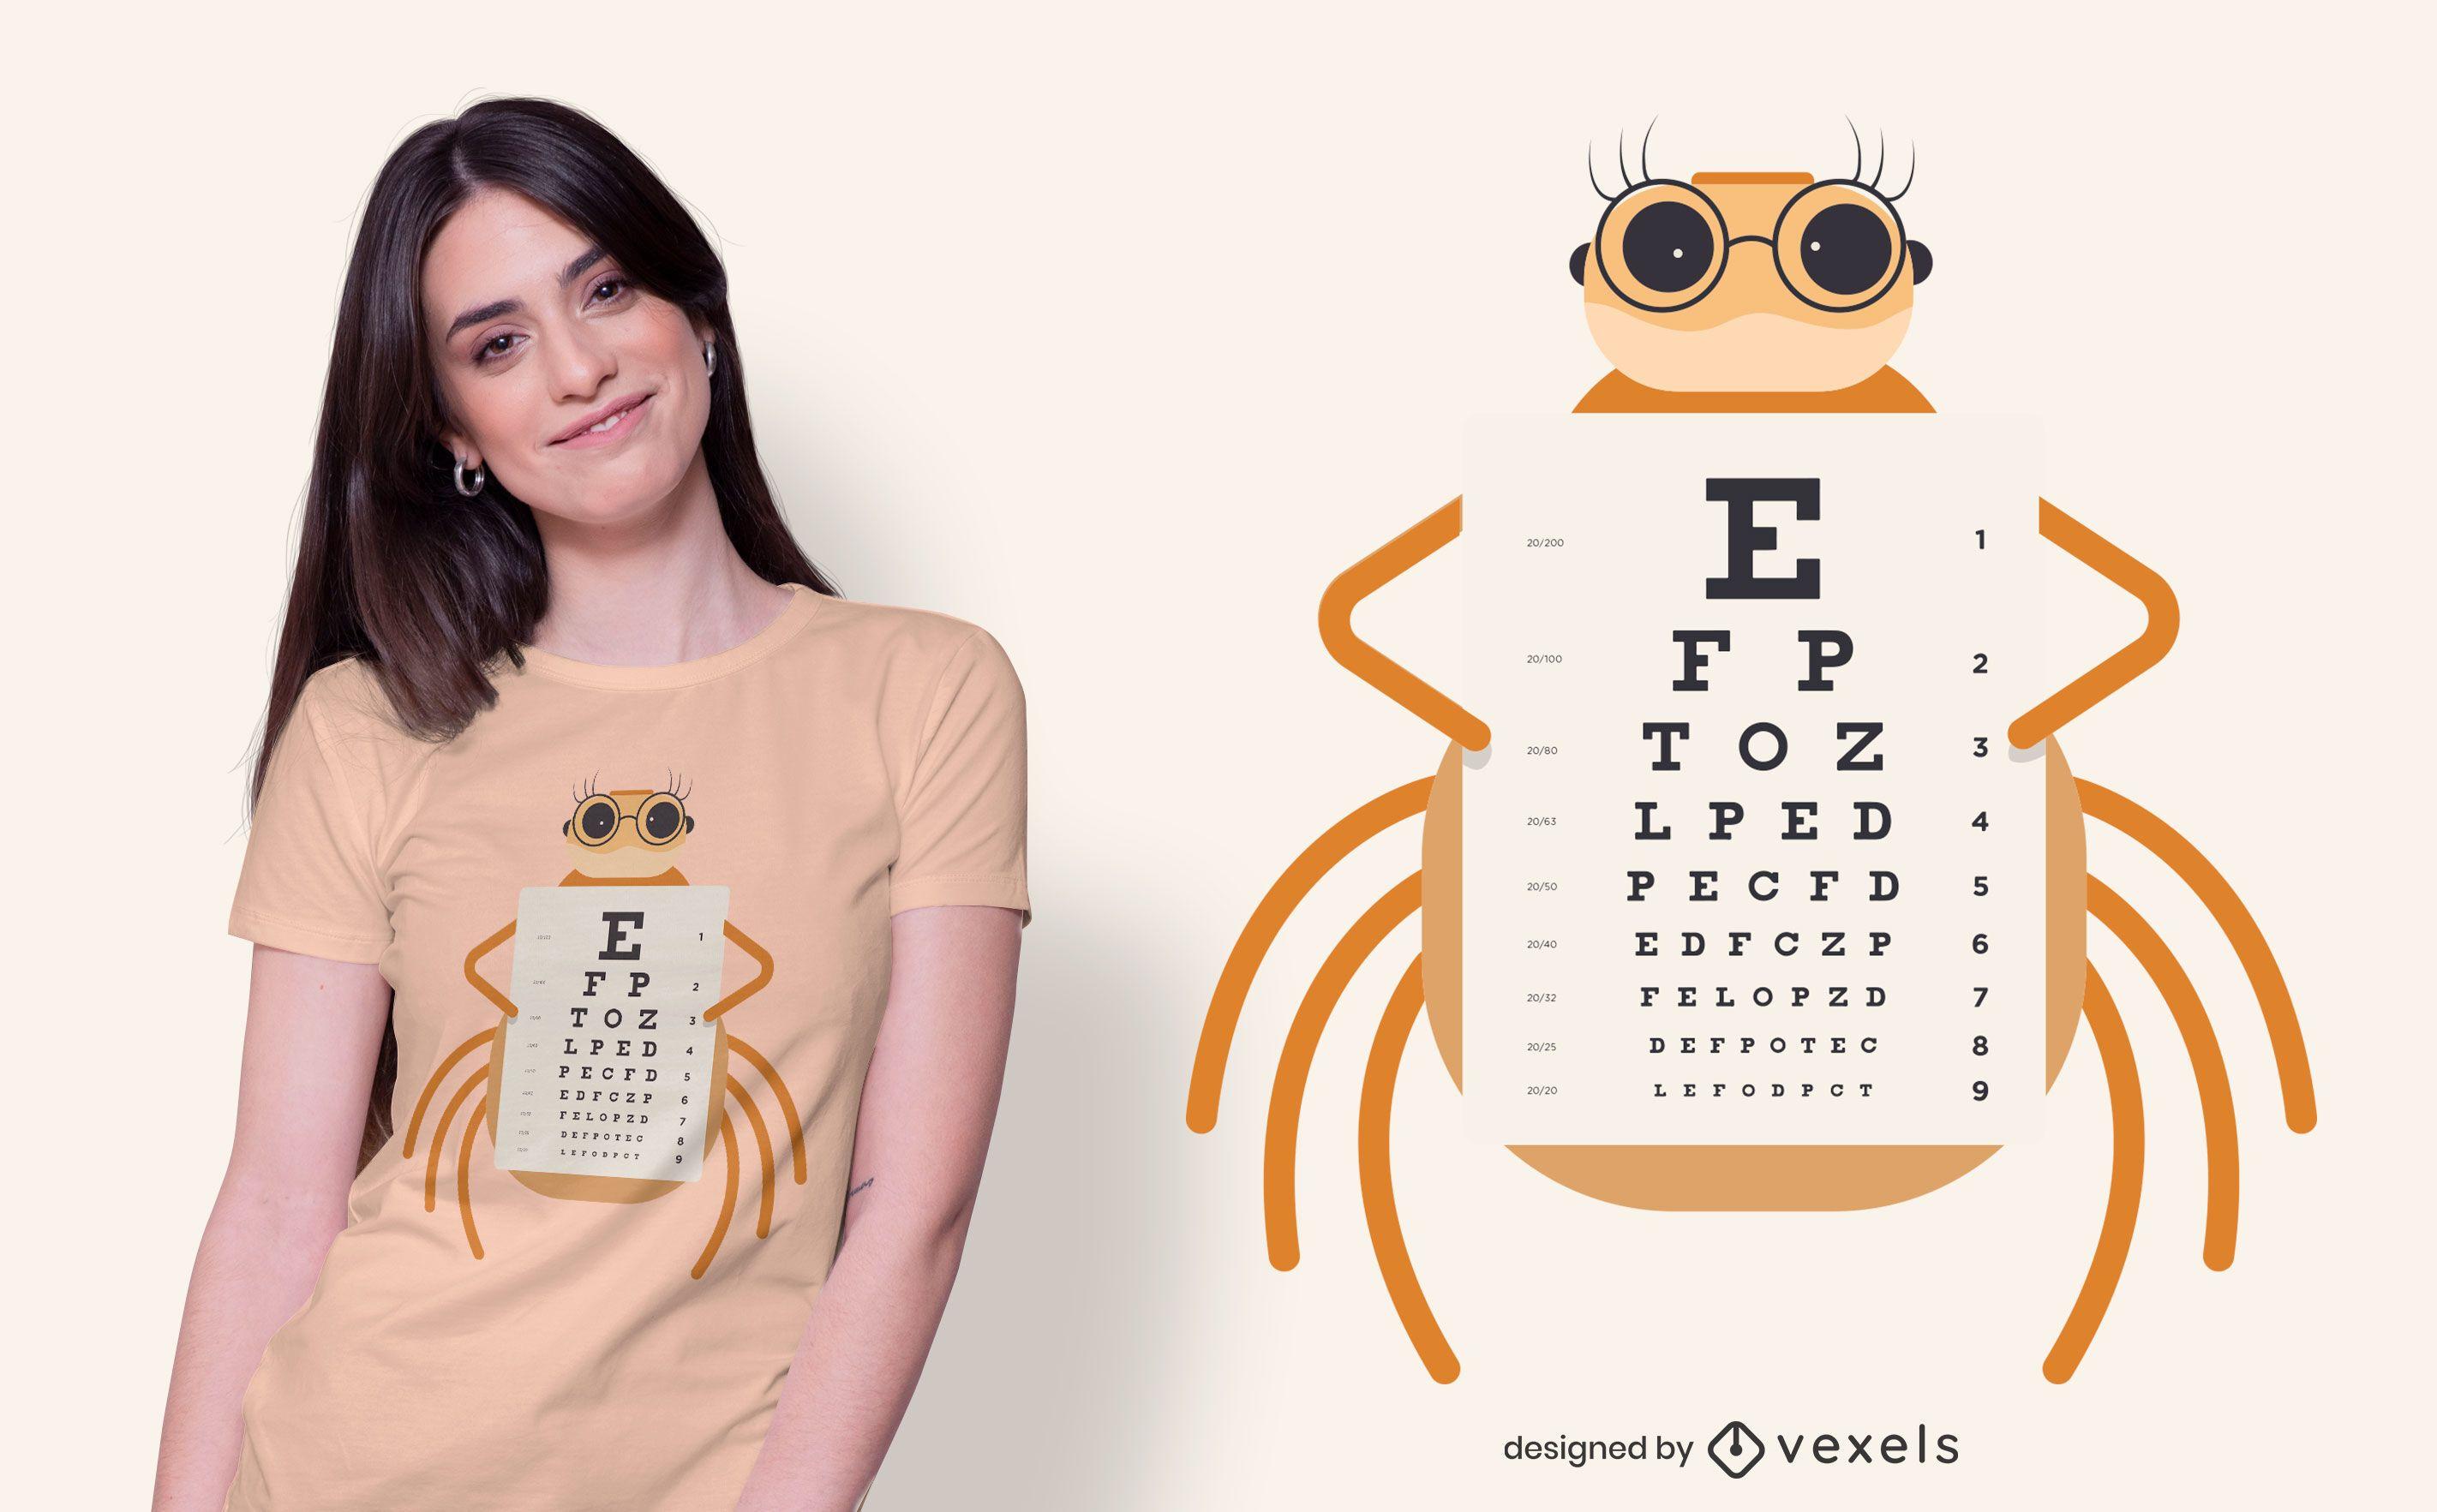 Diseño de camiseta de gráfico ocular de araña